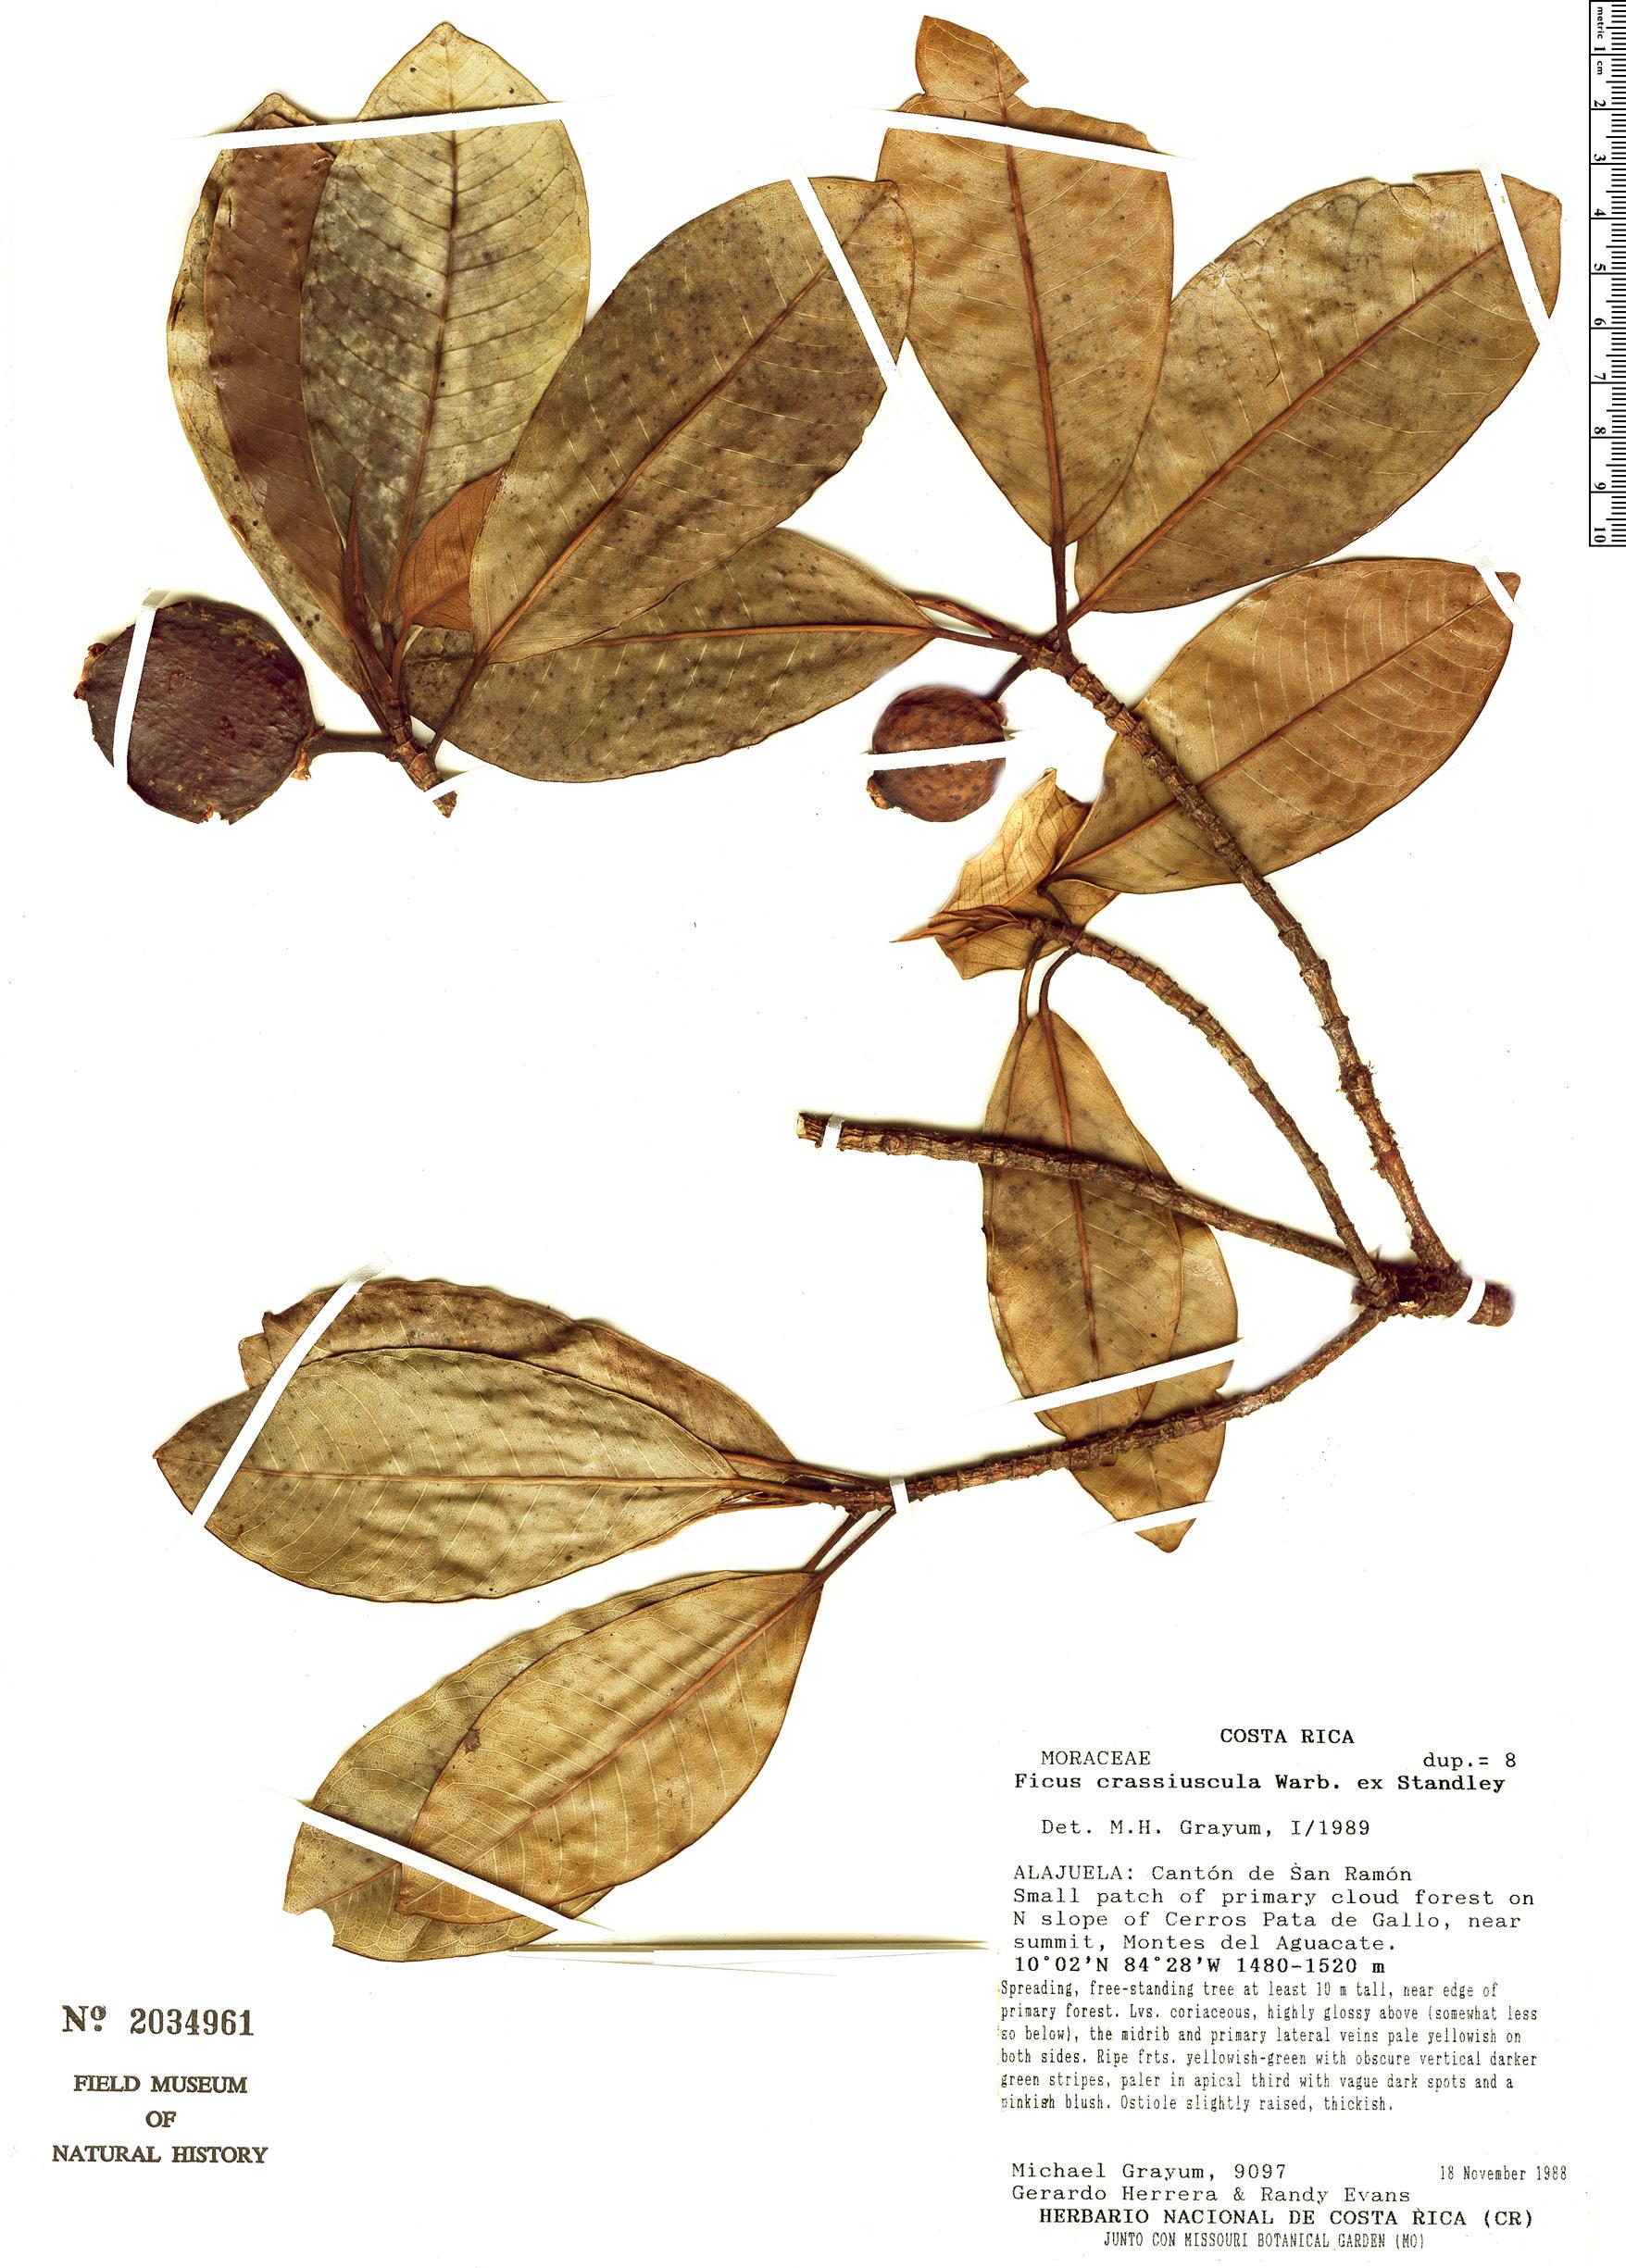 Specimen: Ficus crassiuscula